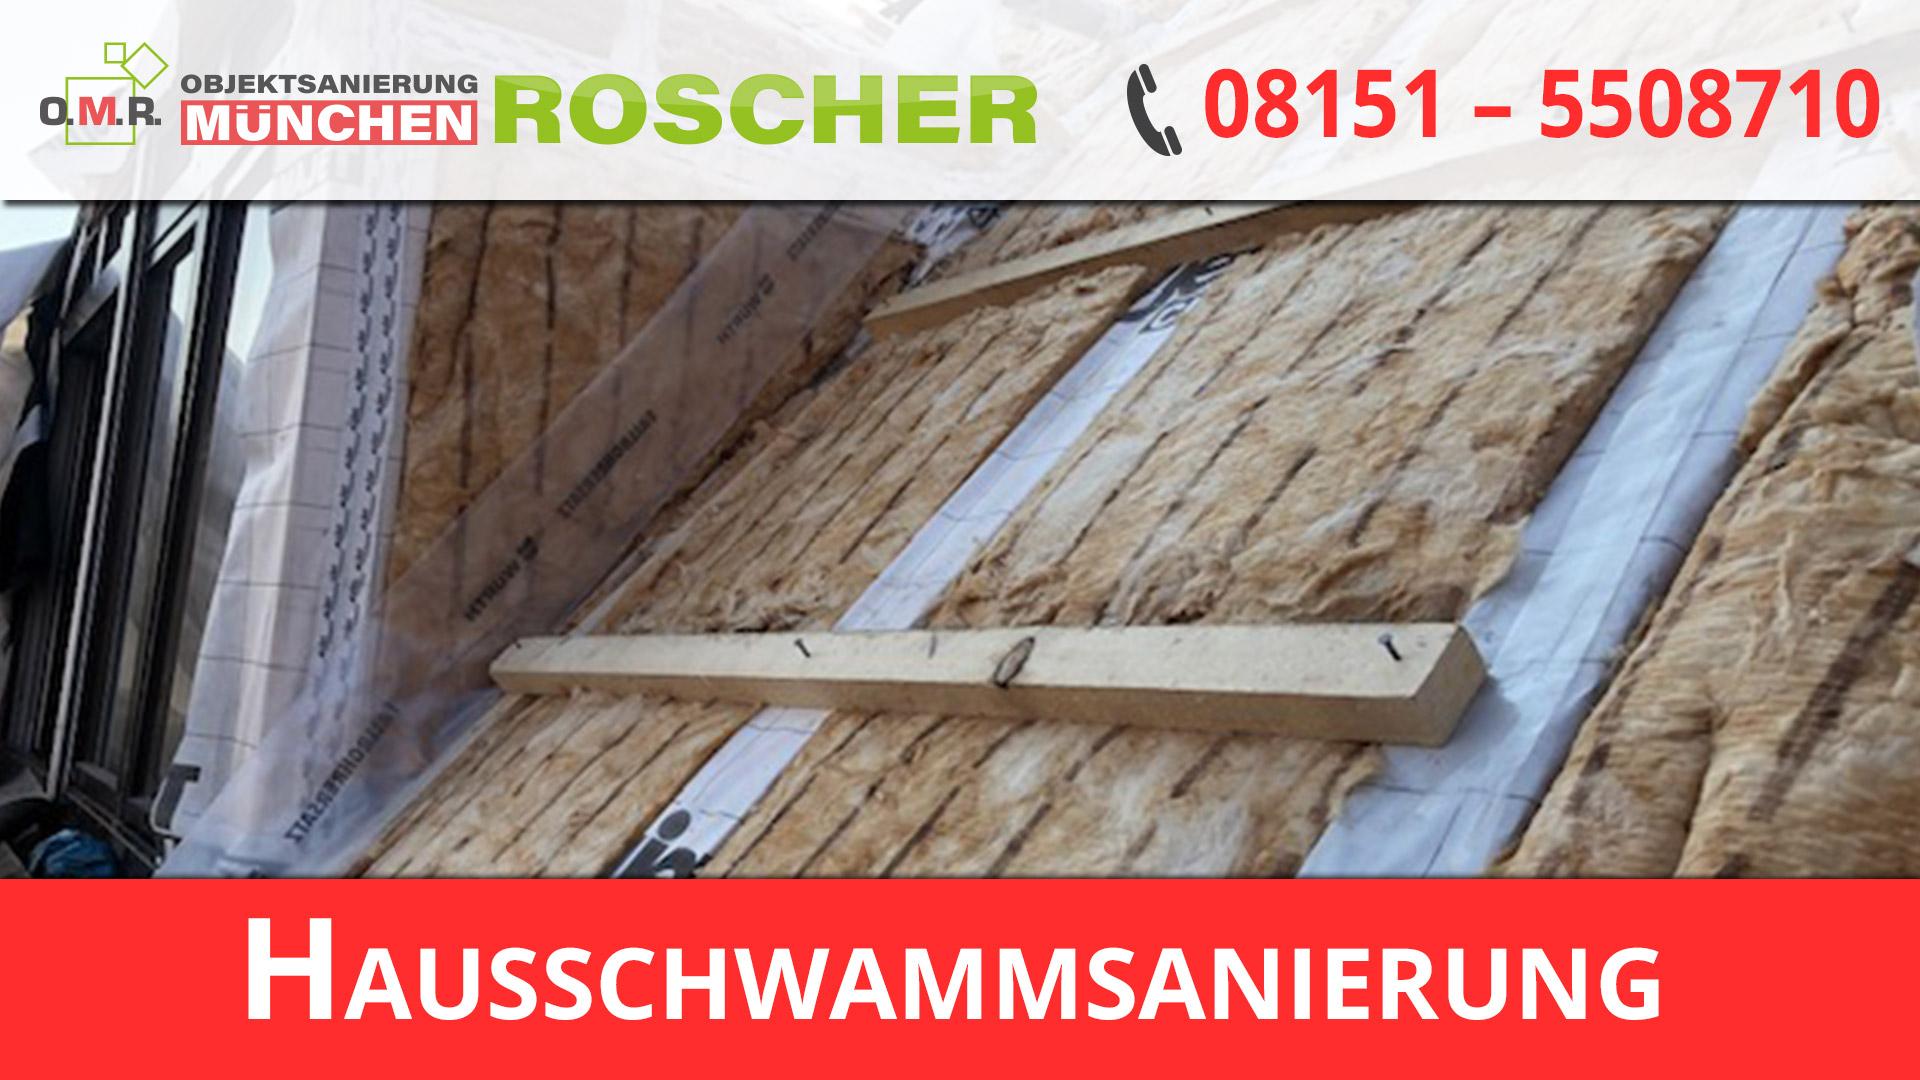 Hausschwammsanierung München